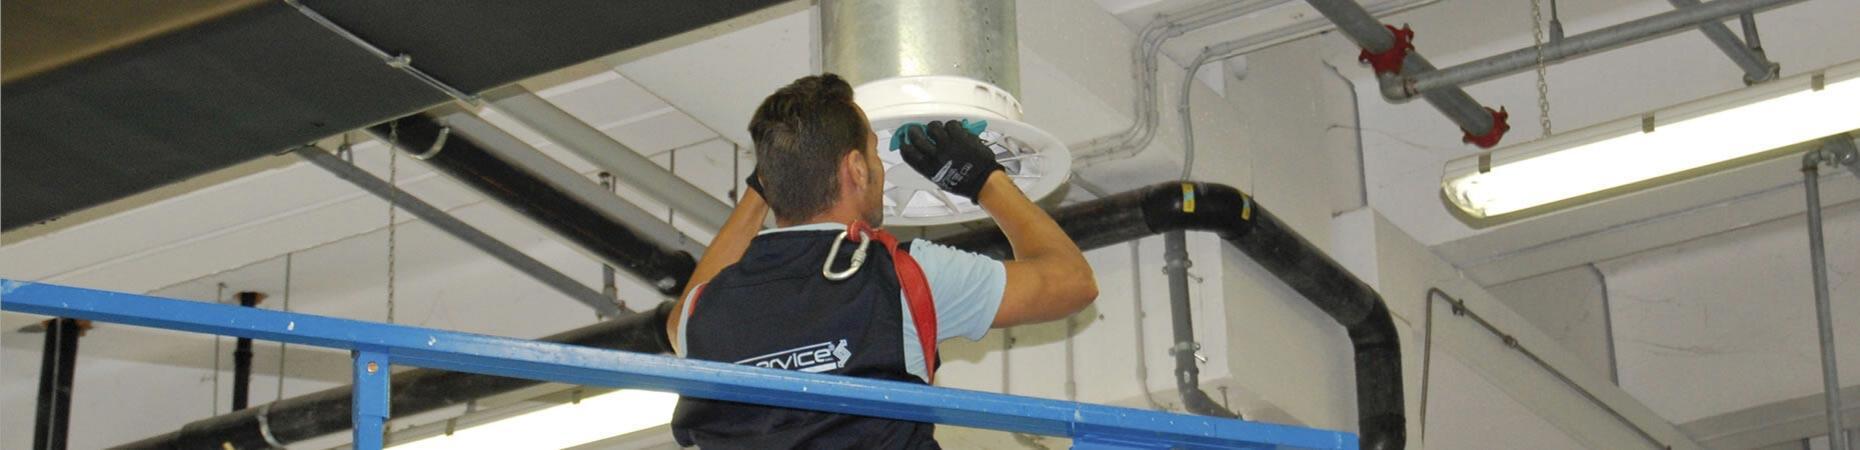 ecoservice-bologna it impresa-di-pulizie-industrie-bologna 005